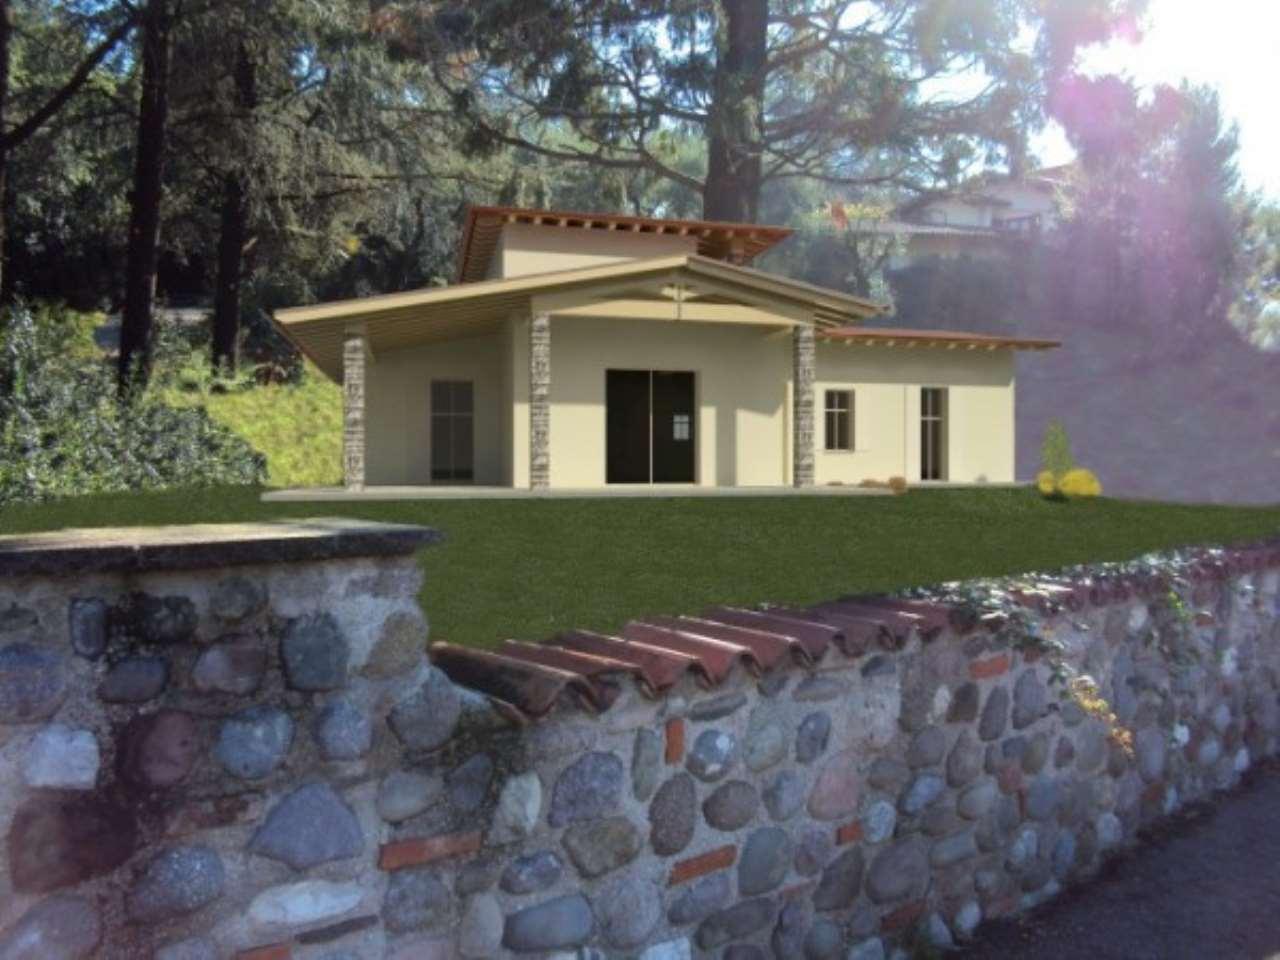 Villa in vendita a Gavardo, 6 locali, Trattative riservate | Cambio Casa.it